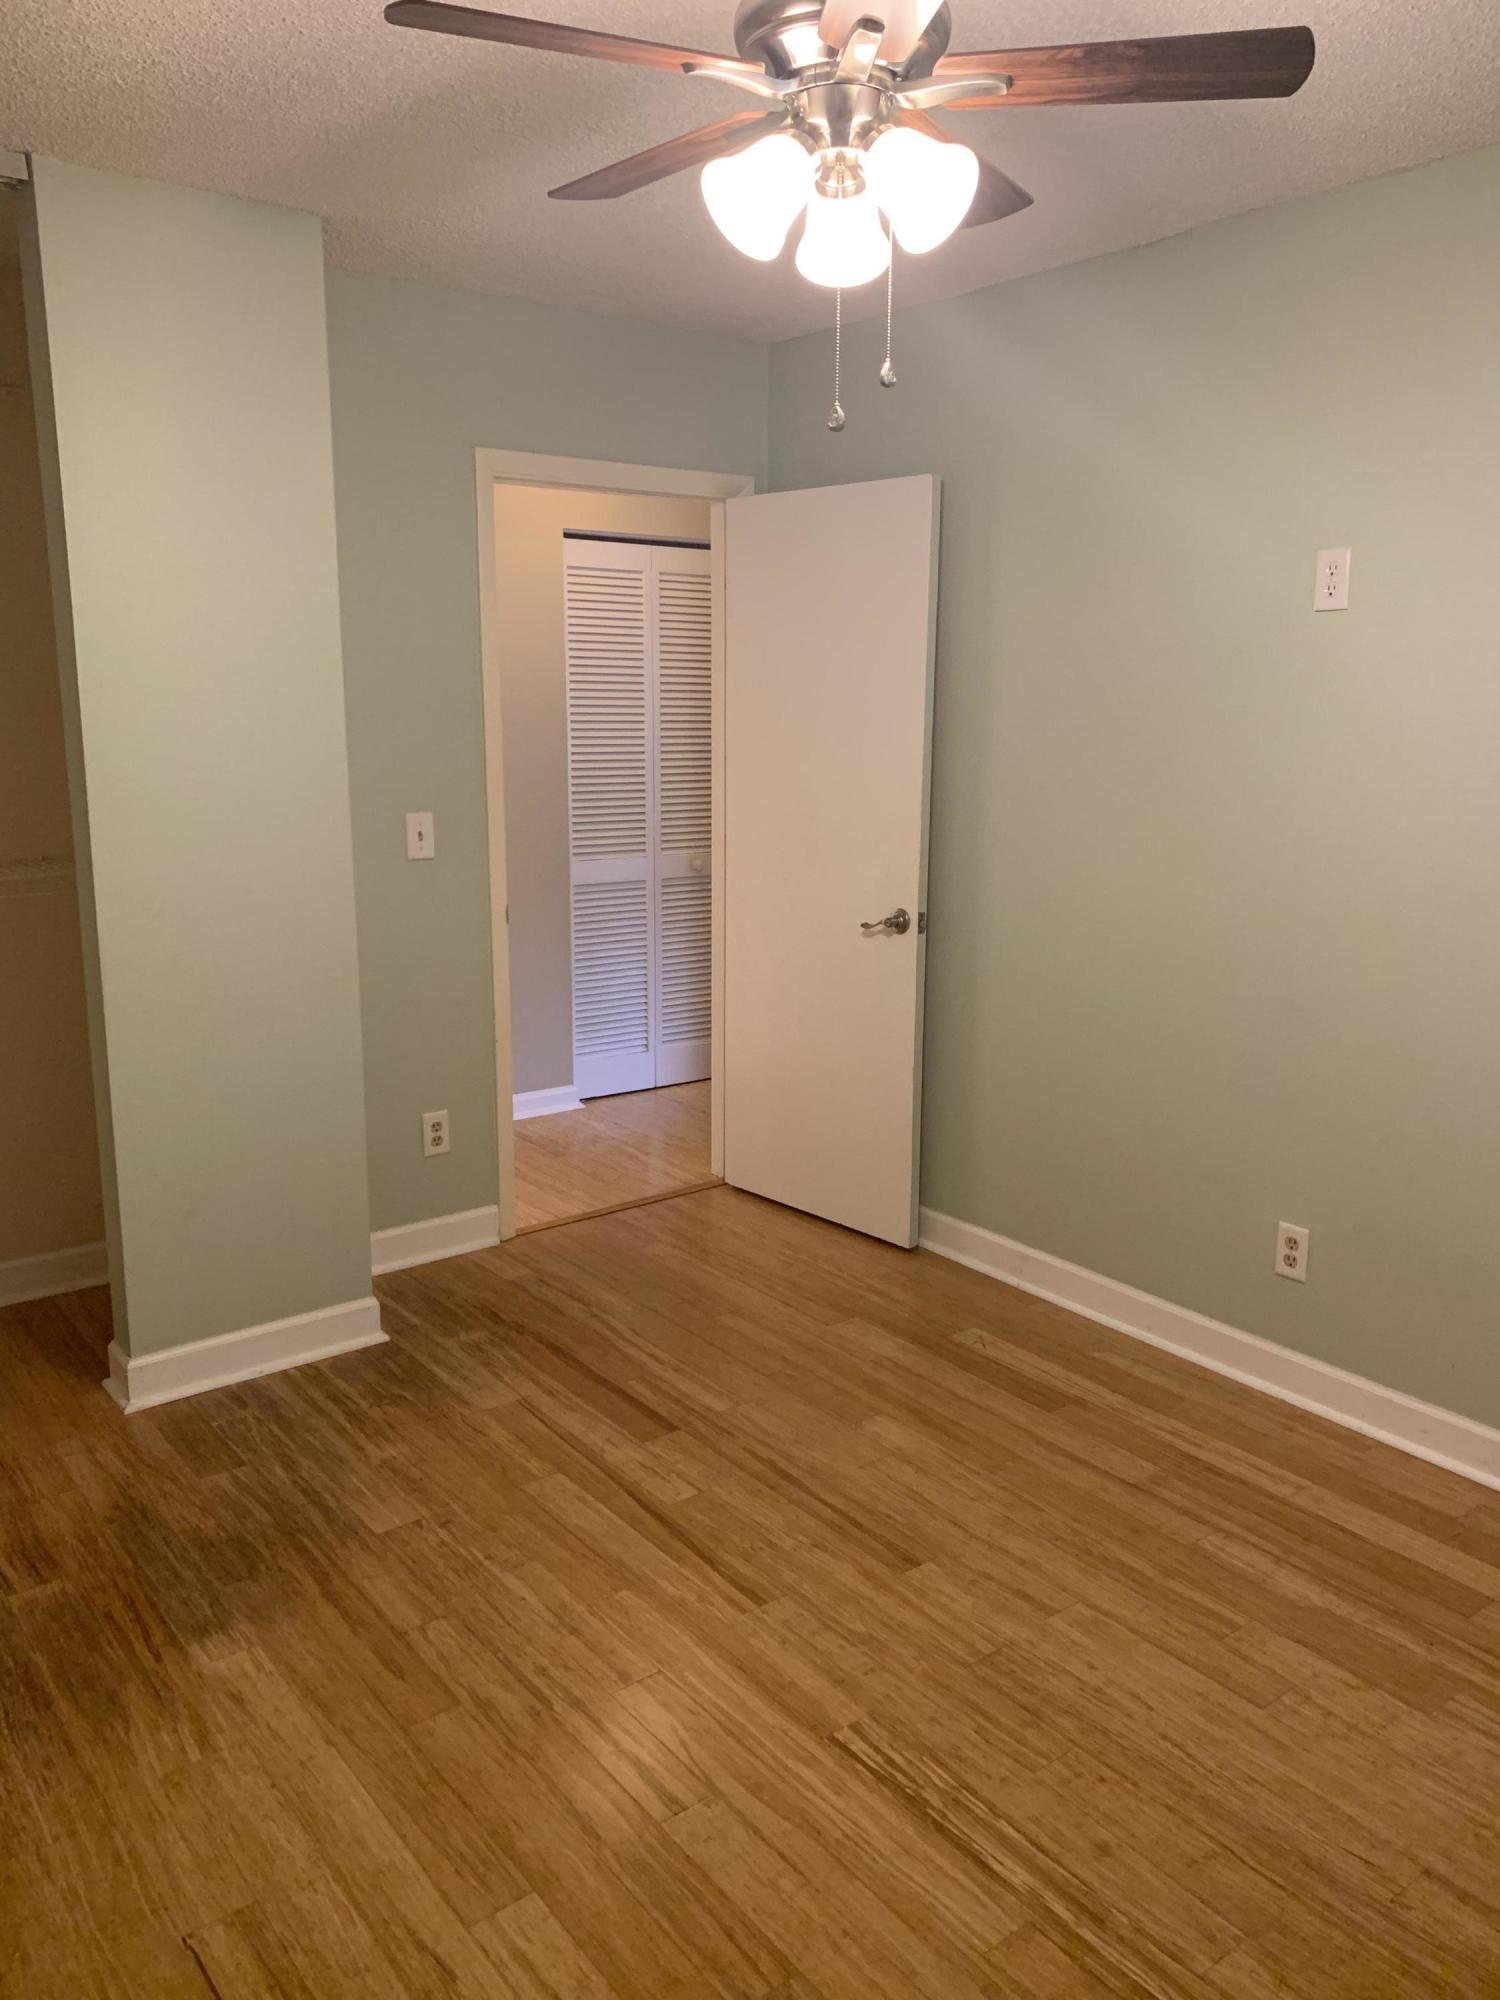 Willow Walk Homes For Sale - 1144 Oakcrest, Charleston, SC - 18